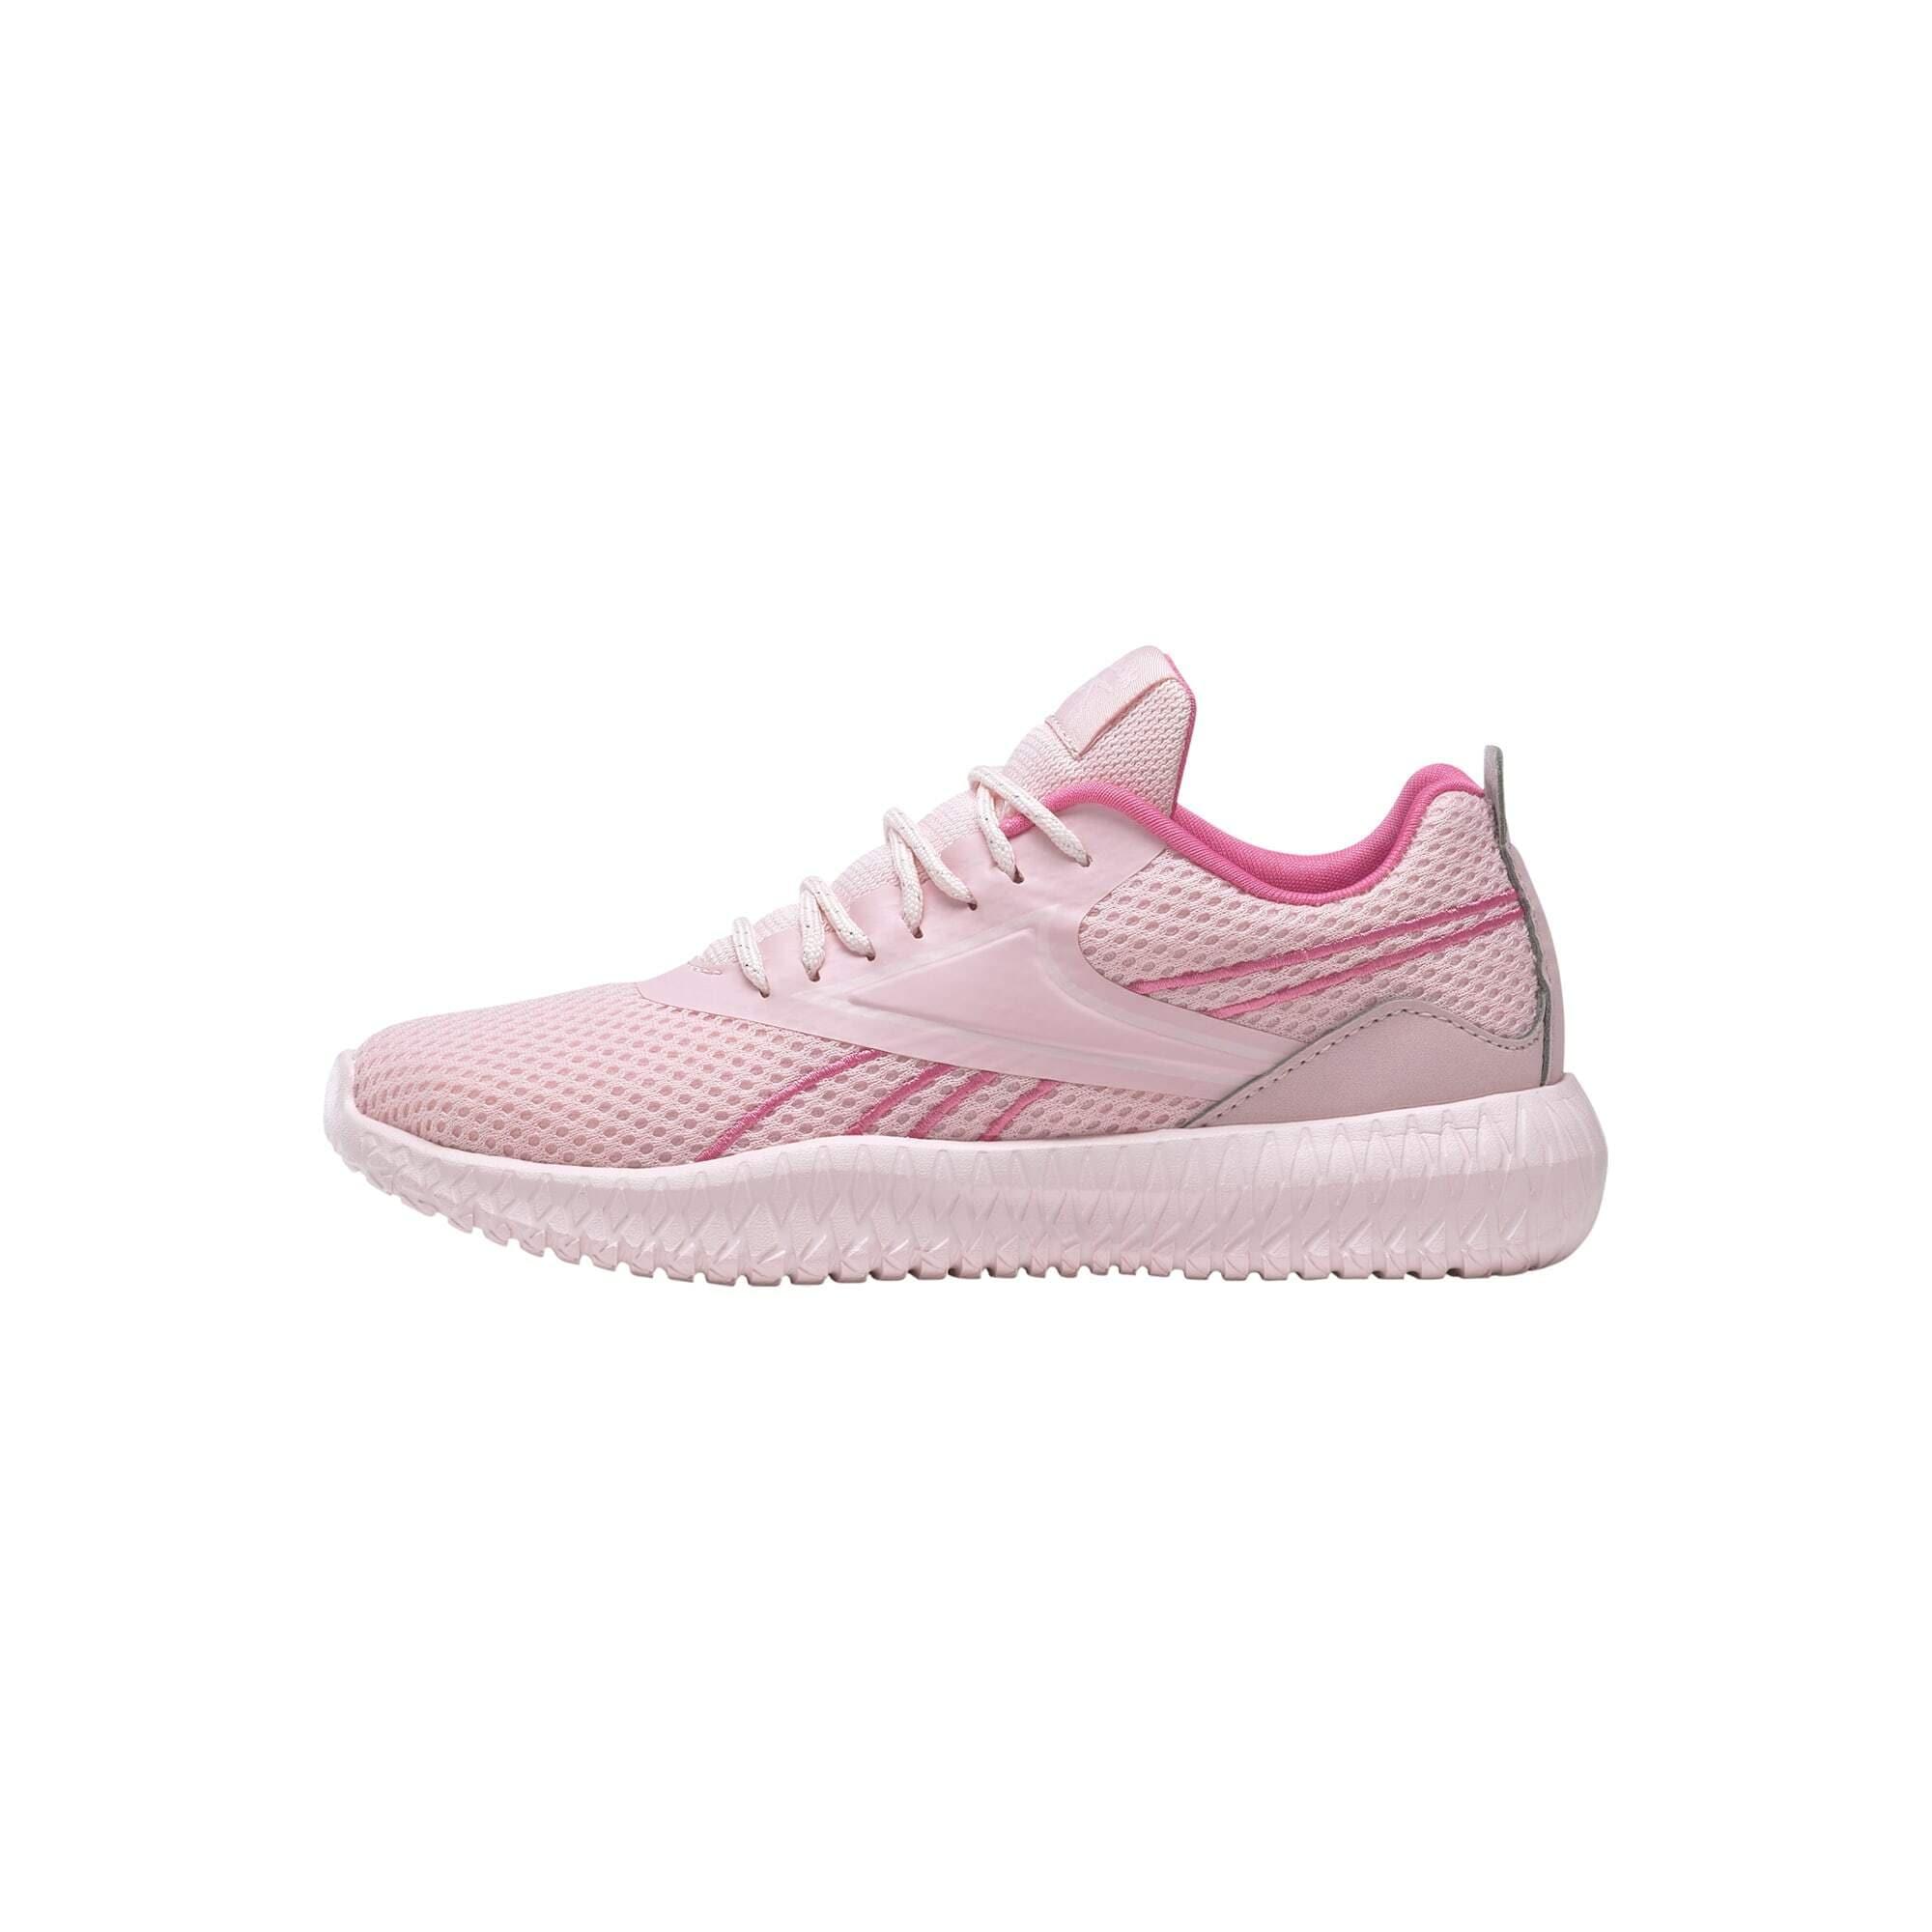 REEBOK Sportiniai batai 'Flexagon Energy' rožių spalva / rožinė